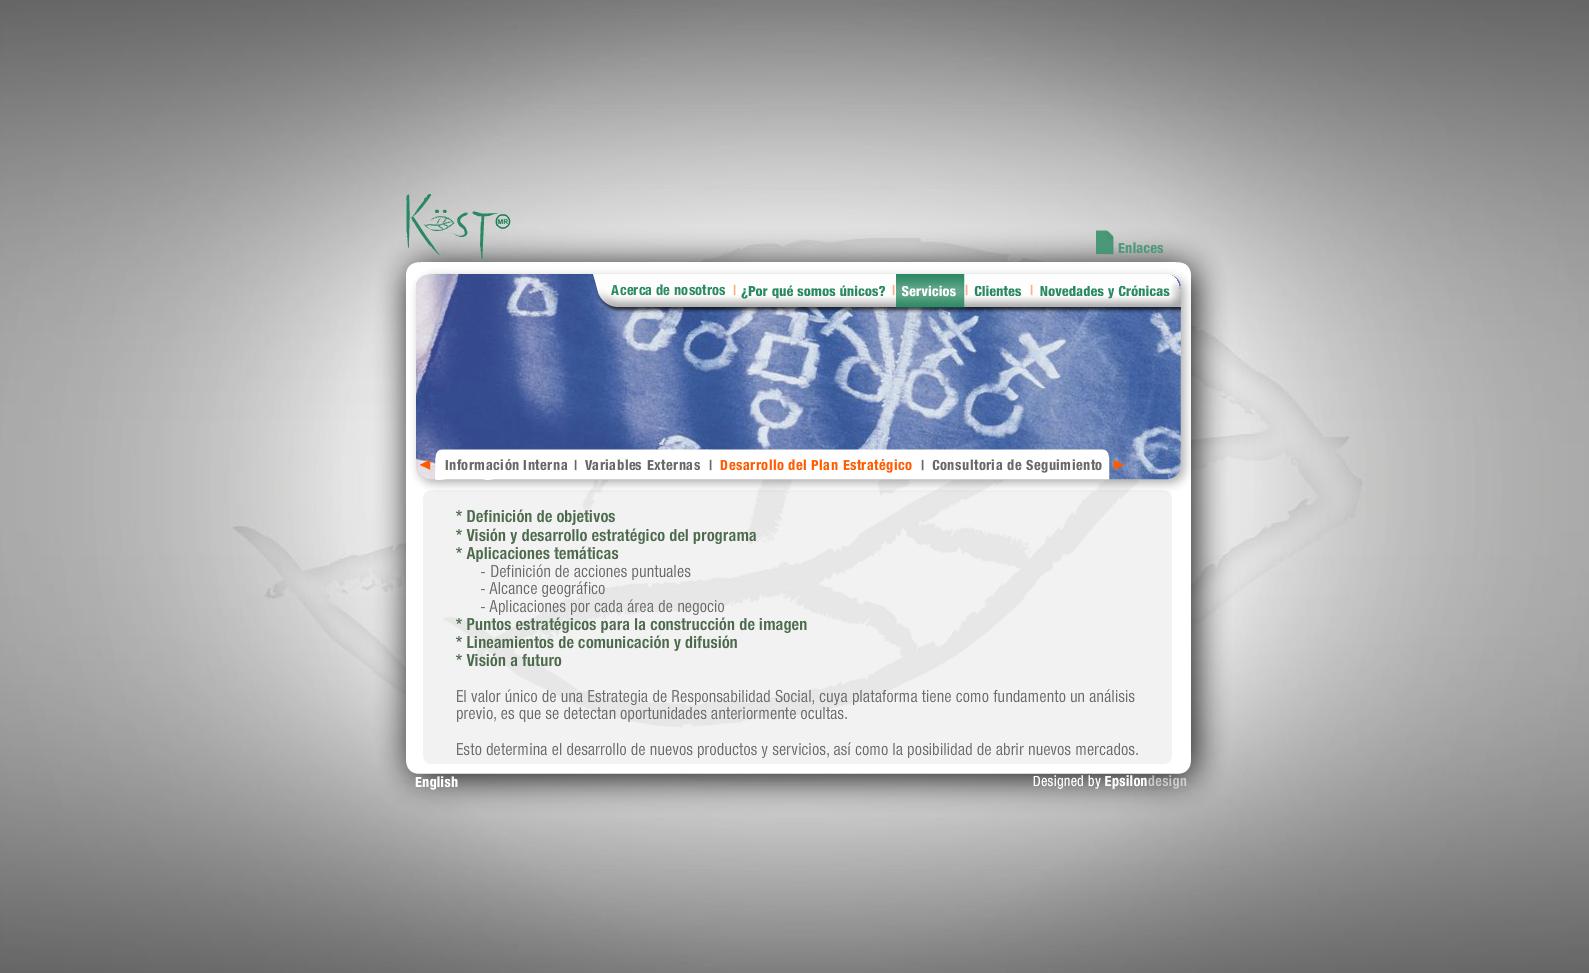 Verde Kost - Servicios (Desarrollo de plan estrategico)